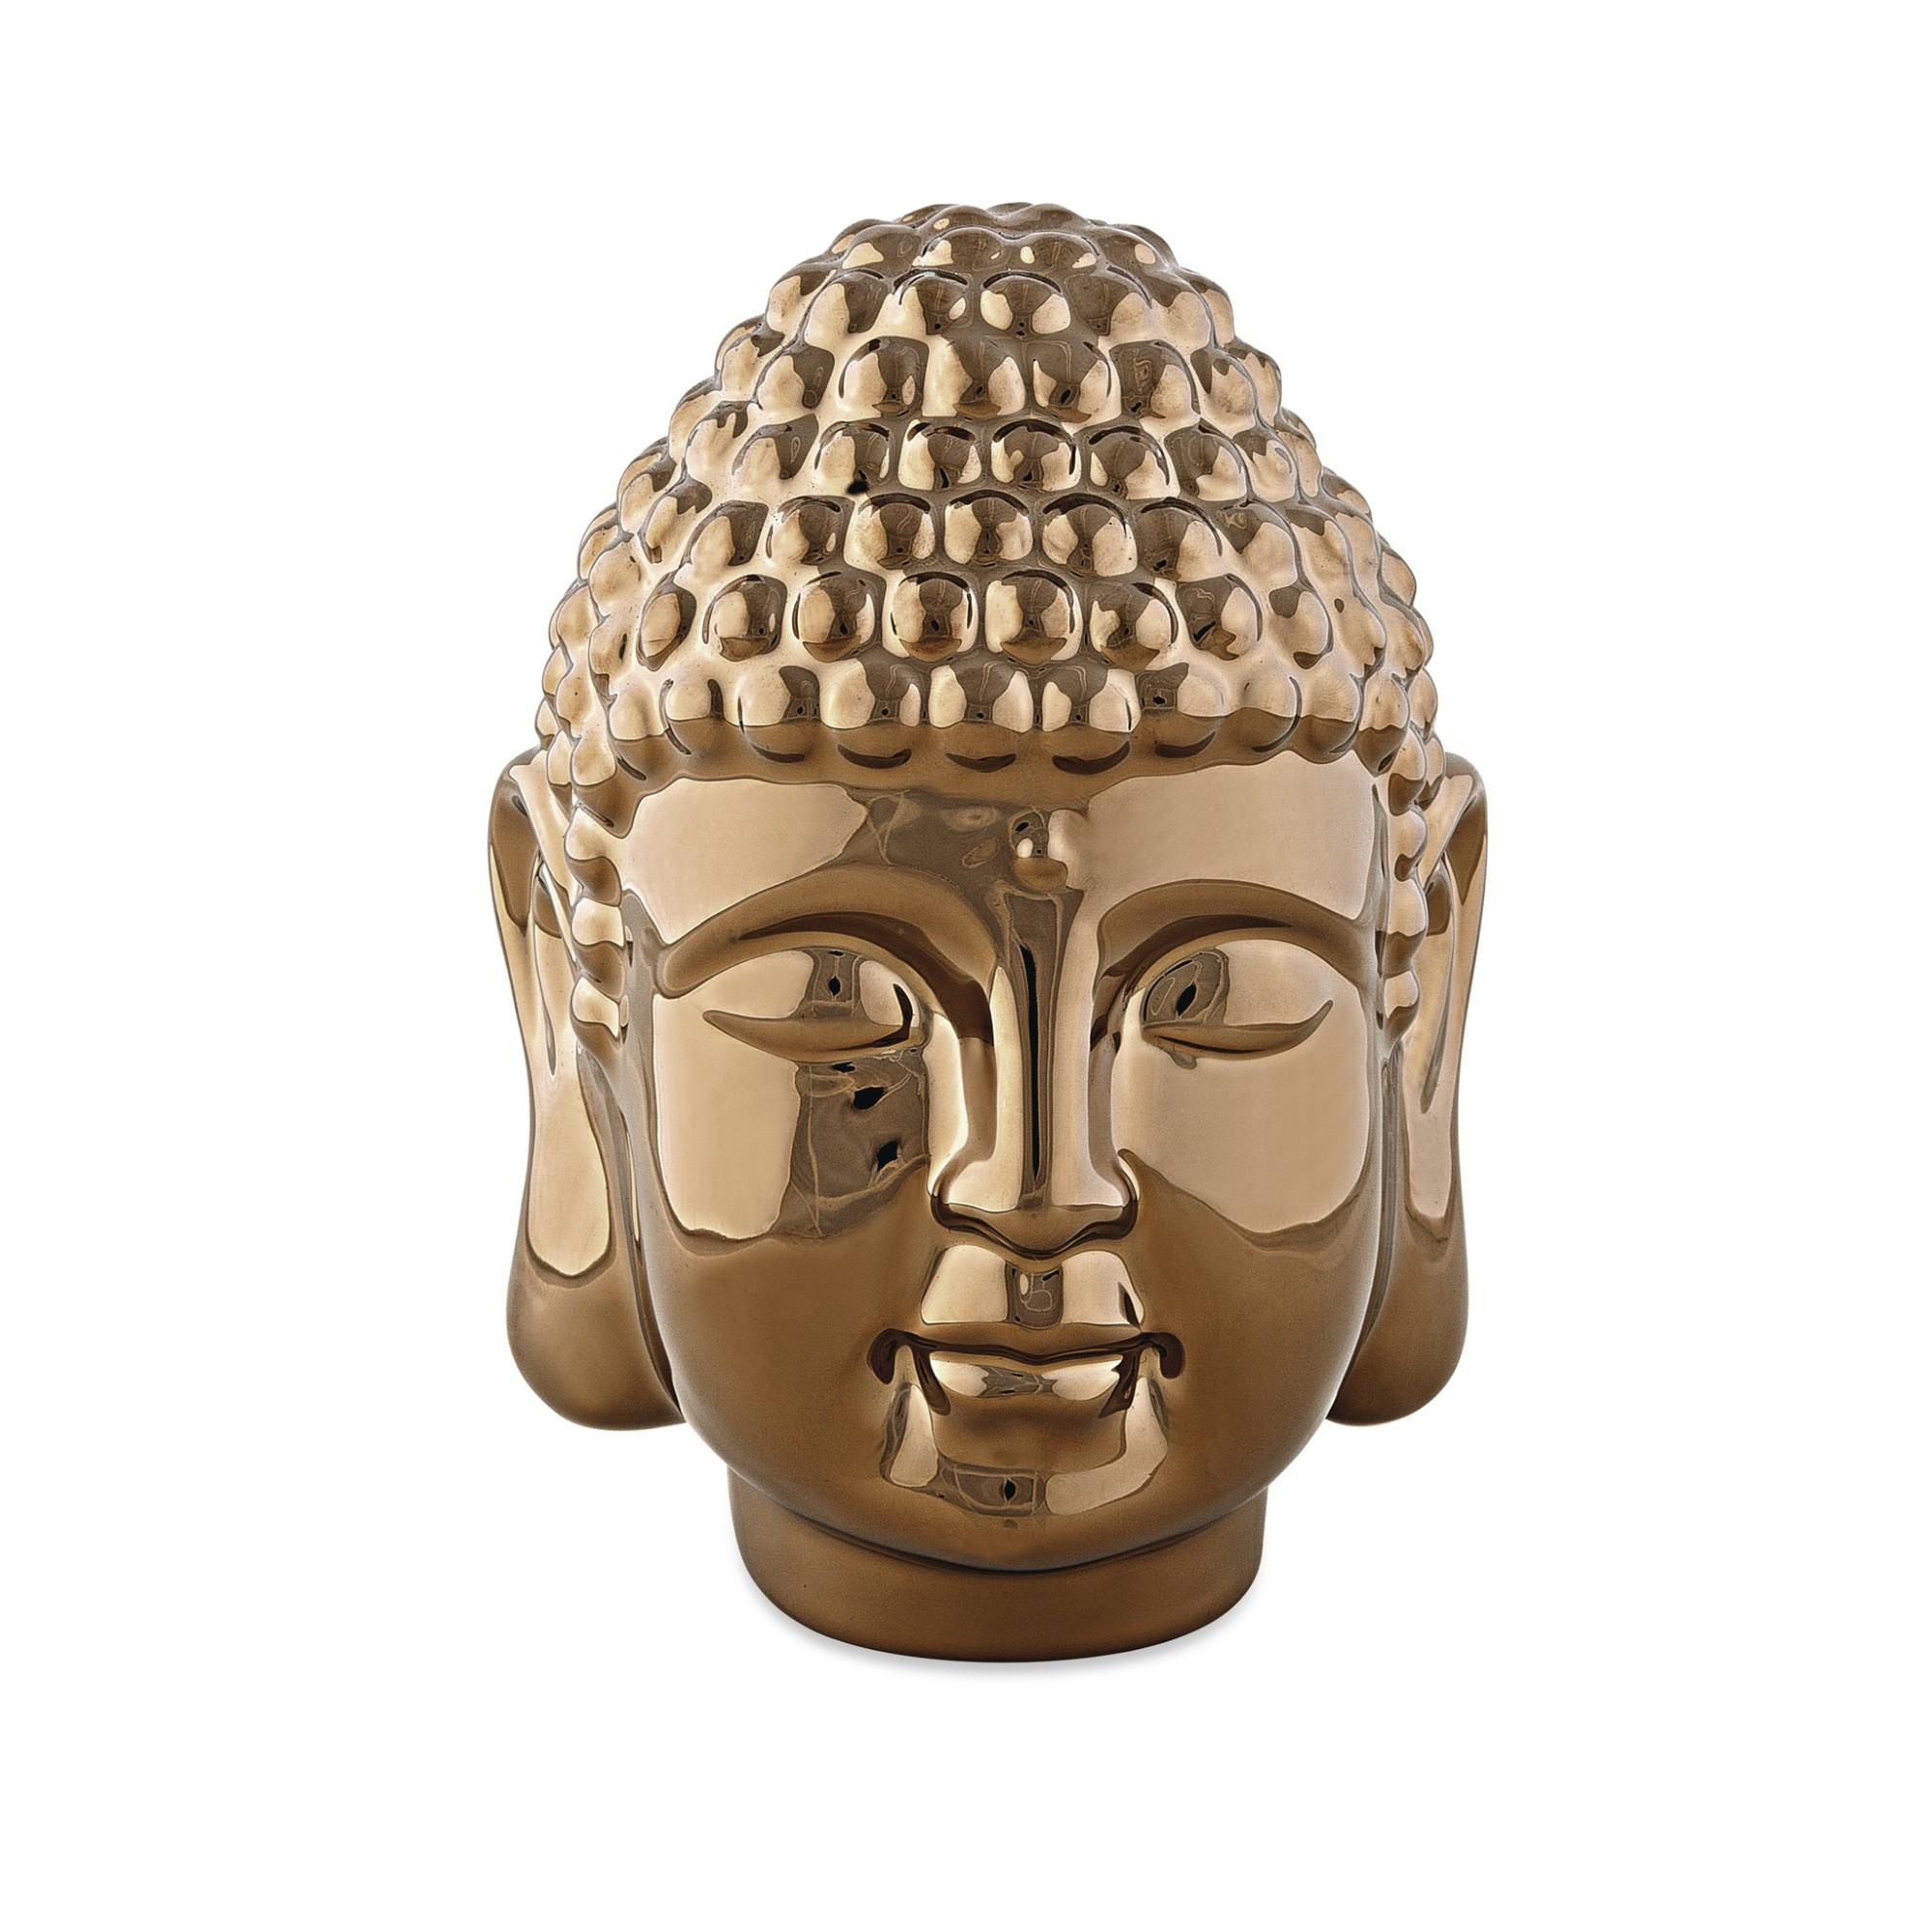 Enfeite Decorativo Buda de Ceramica 15 cm - Mart